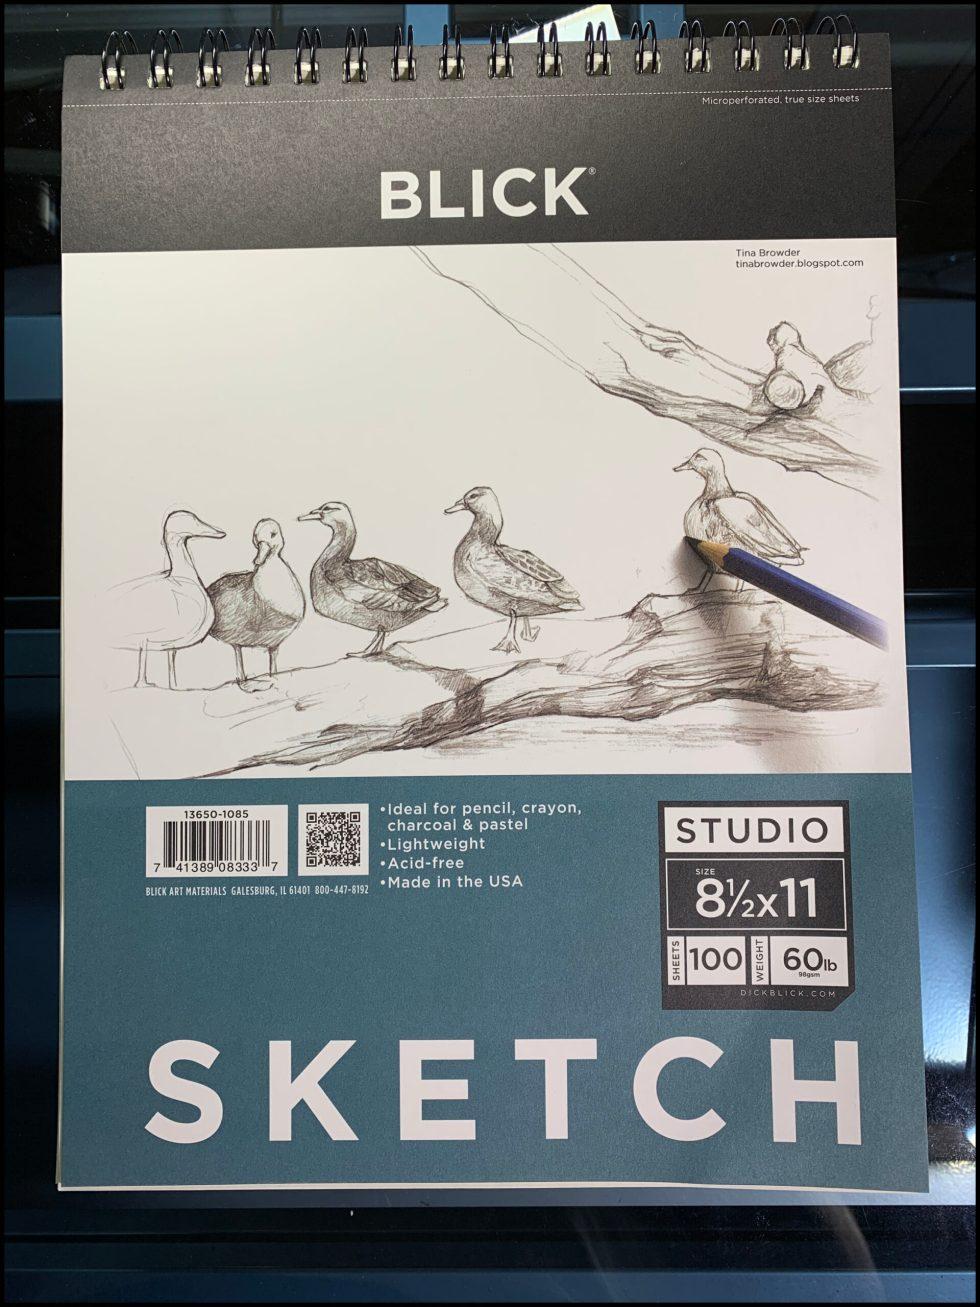 Dick Blick Sketch Paper